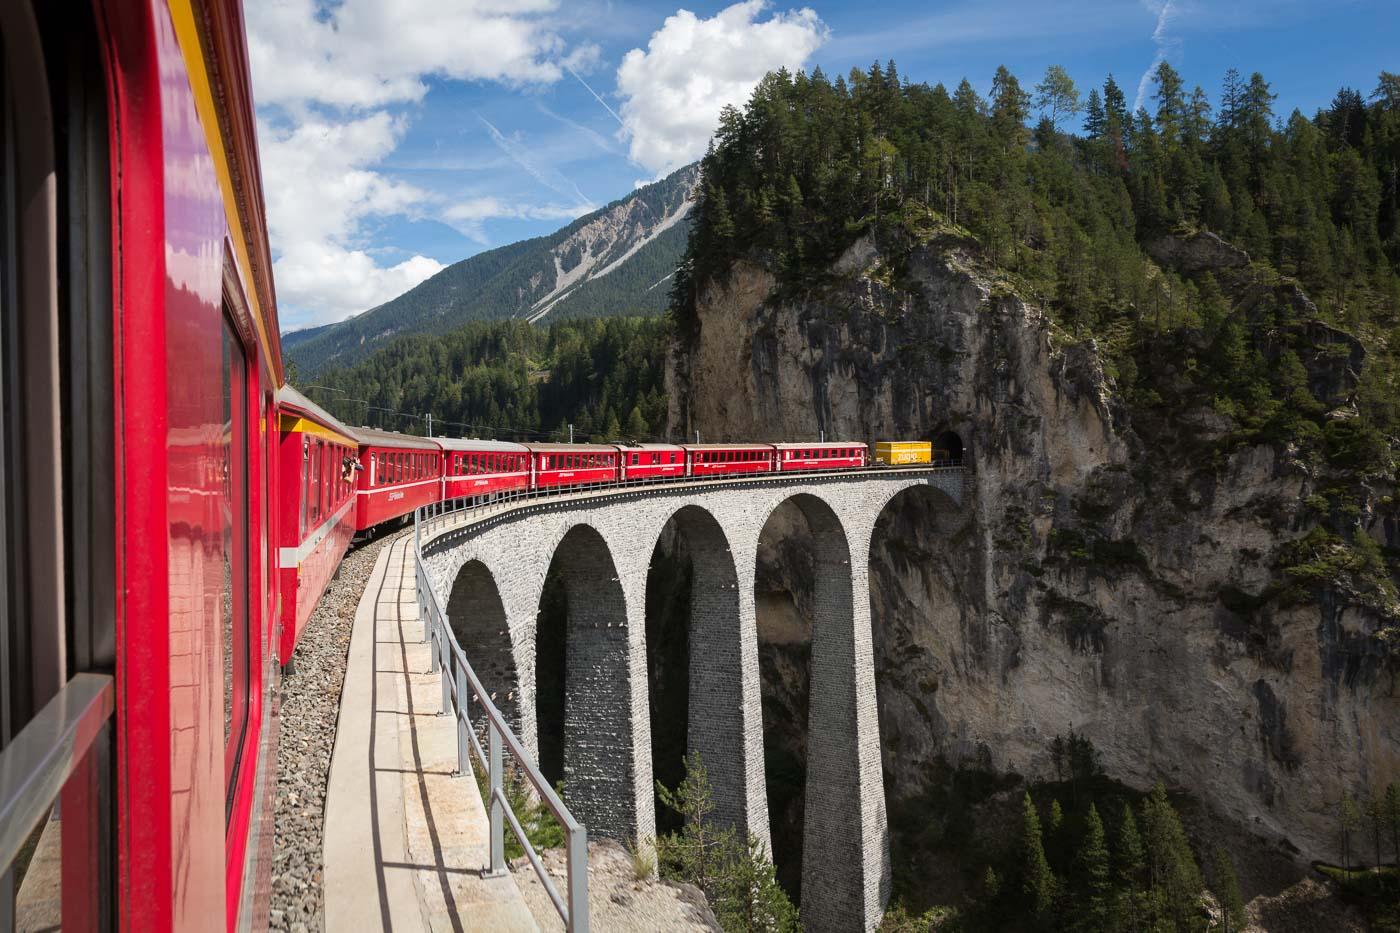 Landwasserbrug_GEEn_glacier_expr_PT-3552